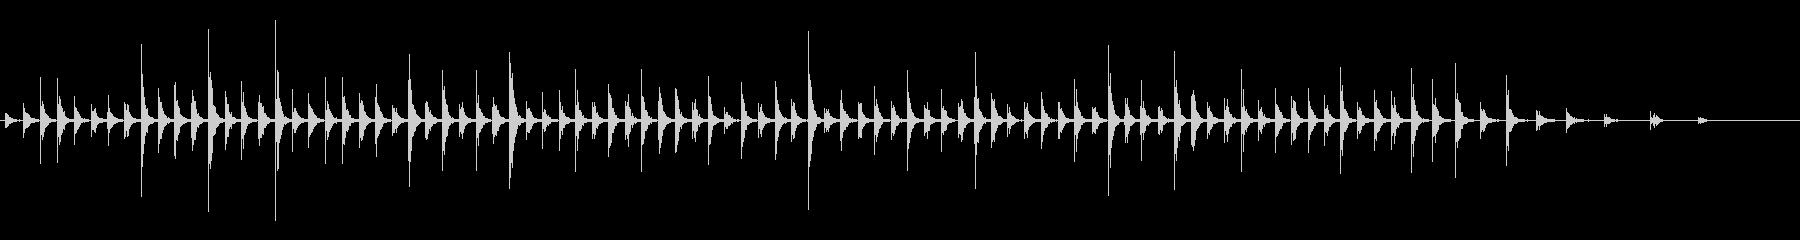 大理石の床:ソフトハイキングブーツ...の未再生の波形